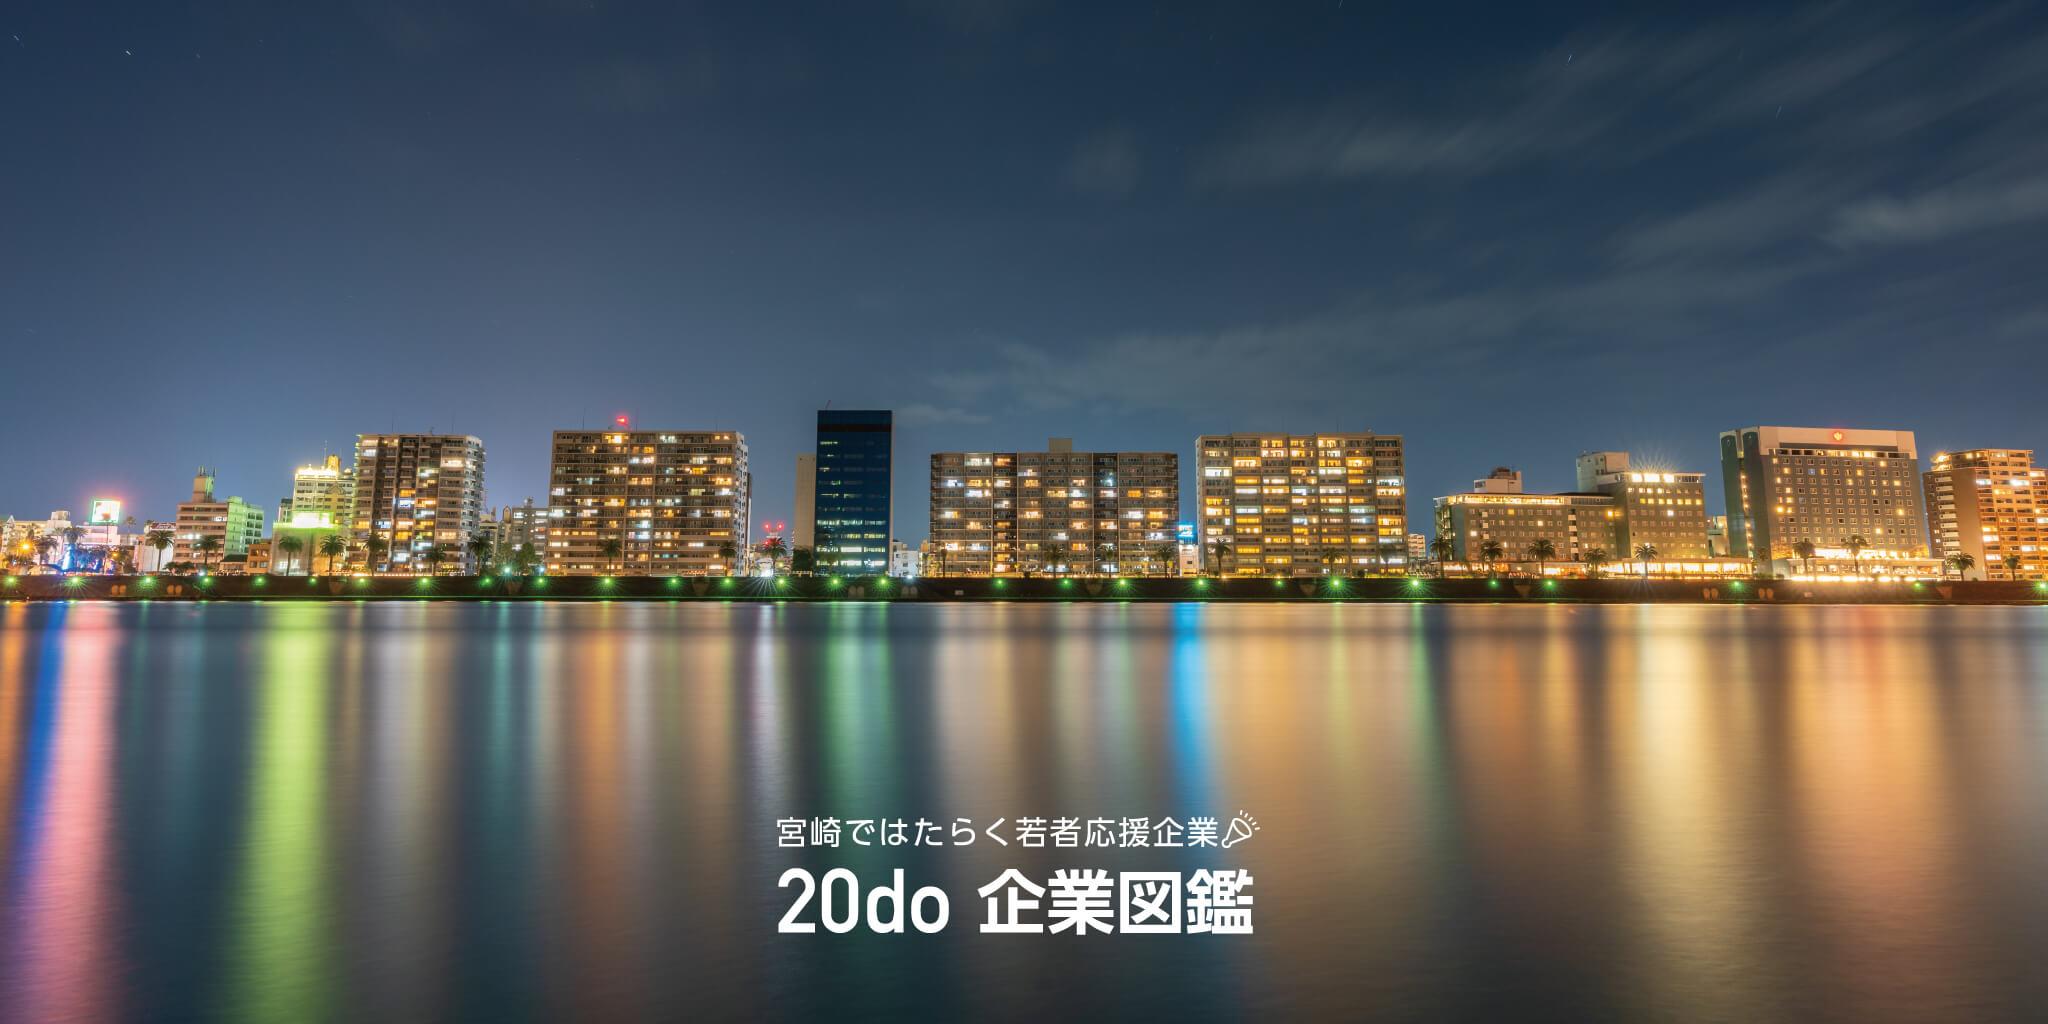 宮崎市:若者が働きたくなる街